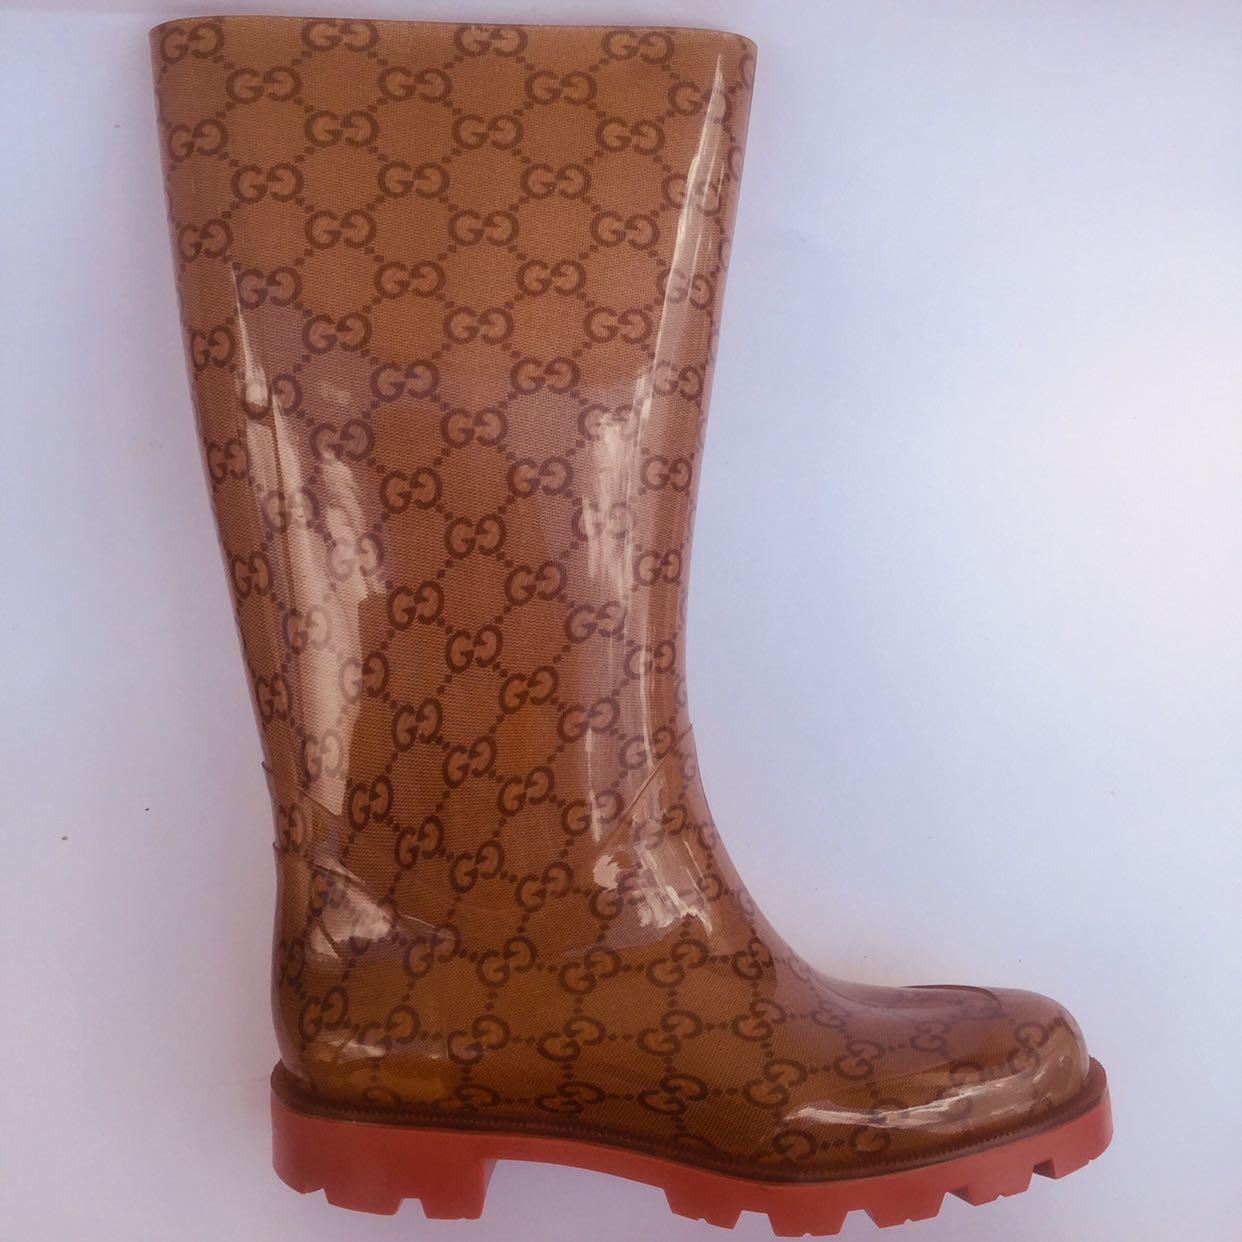 29a48b8681f SALE!!! Gucci Guccissima Monogram Edimburg Rain Boots